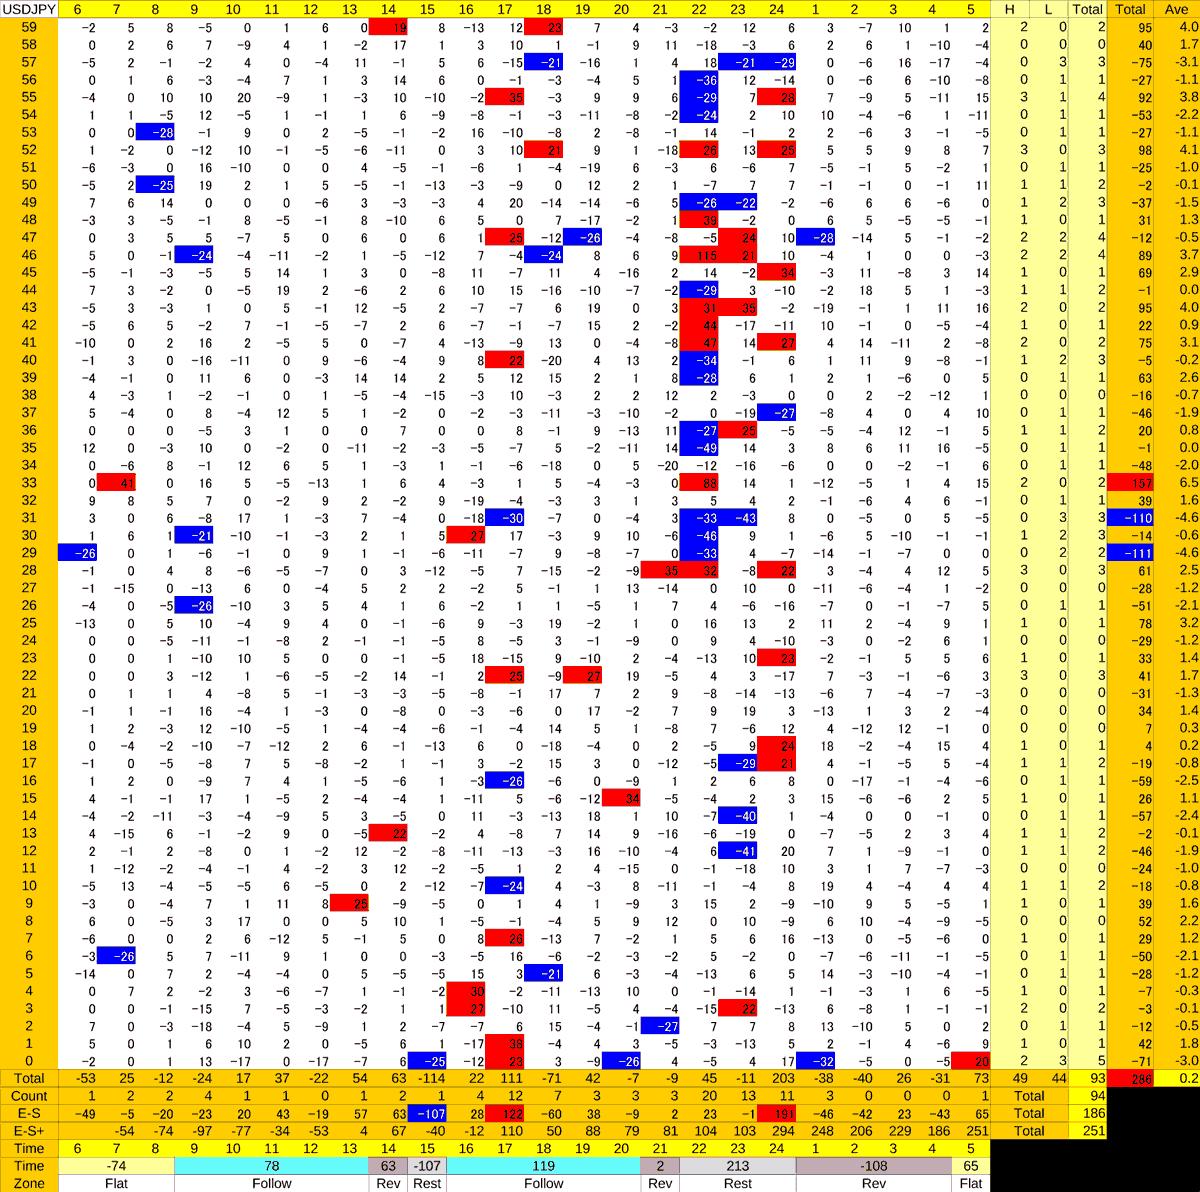 20201204_HS(1)USDJPY